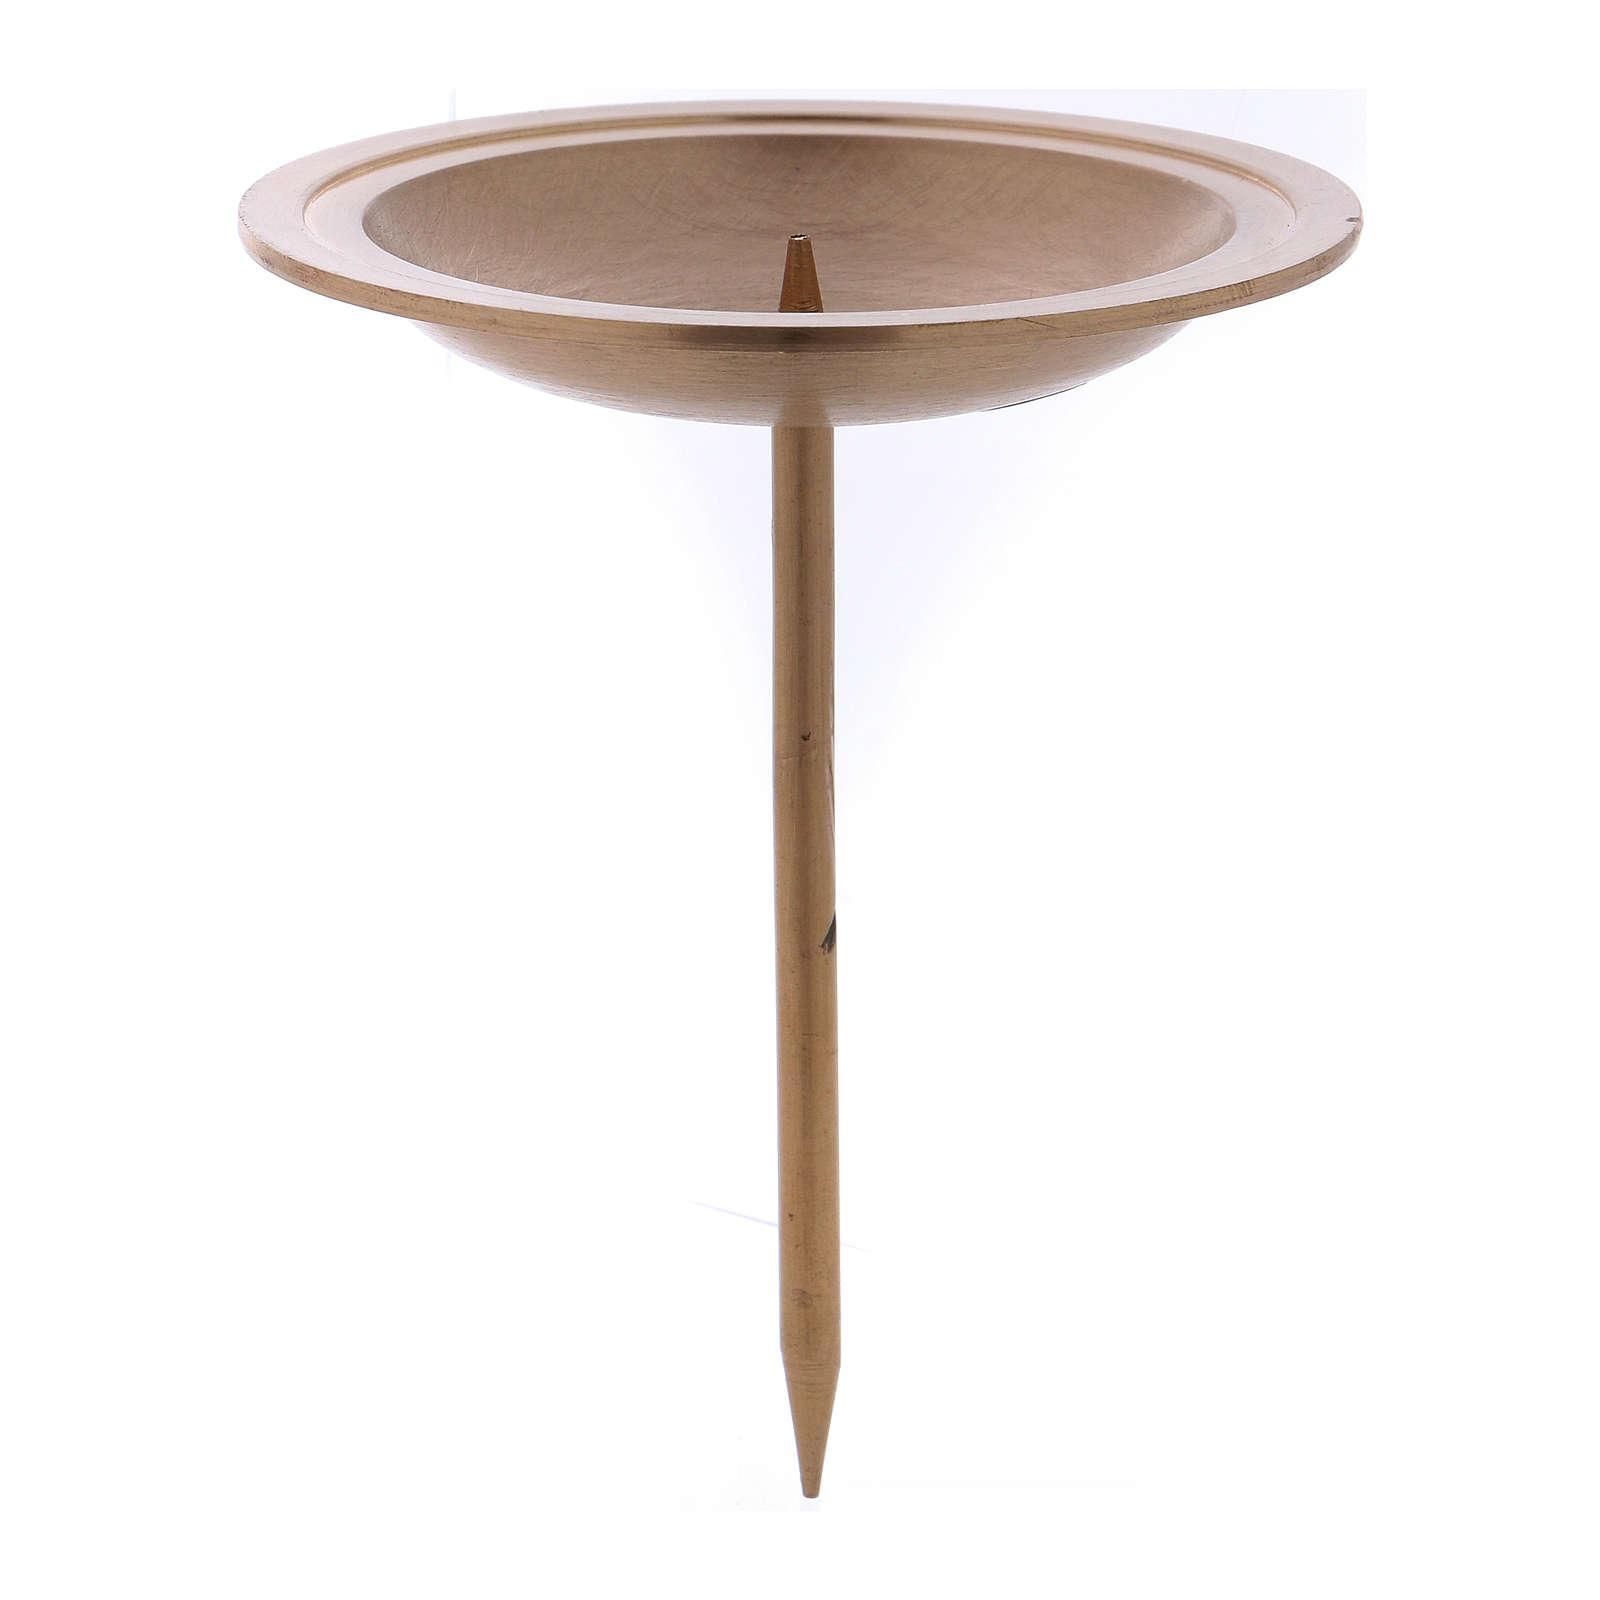 Supporto candela per corona dell'Avvento in ottone dorato 4 pz 3